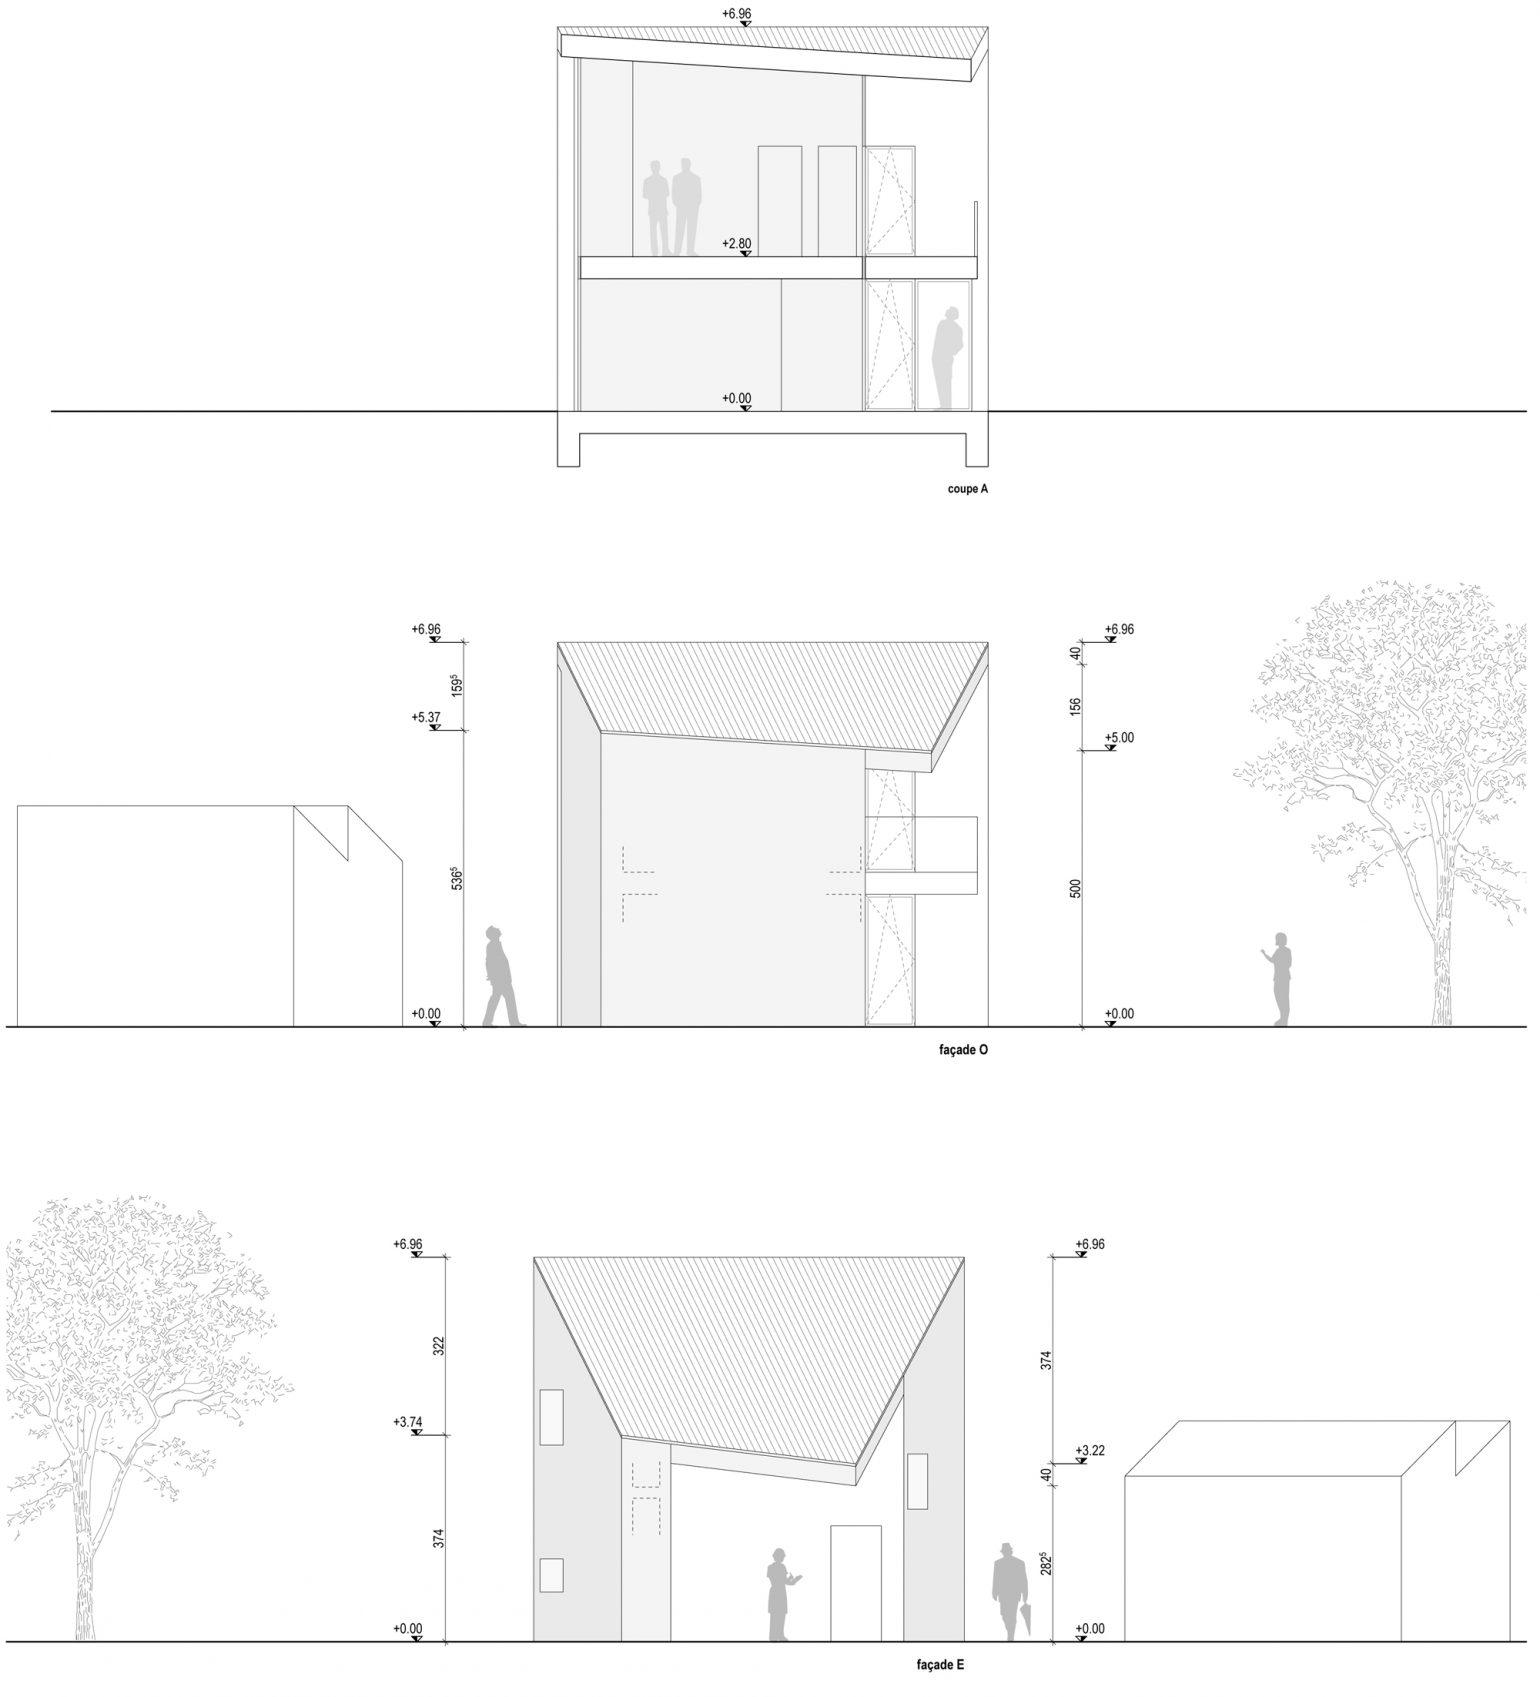 maison_deleze_conthey_françois_meyer_architecture_sion_03